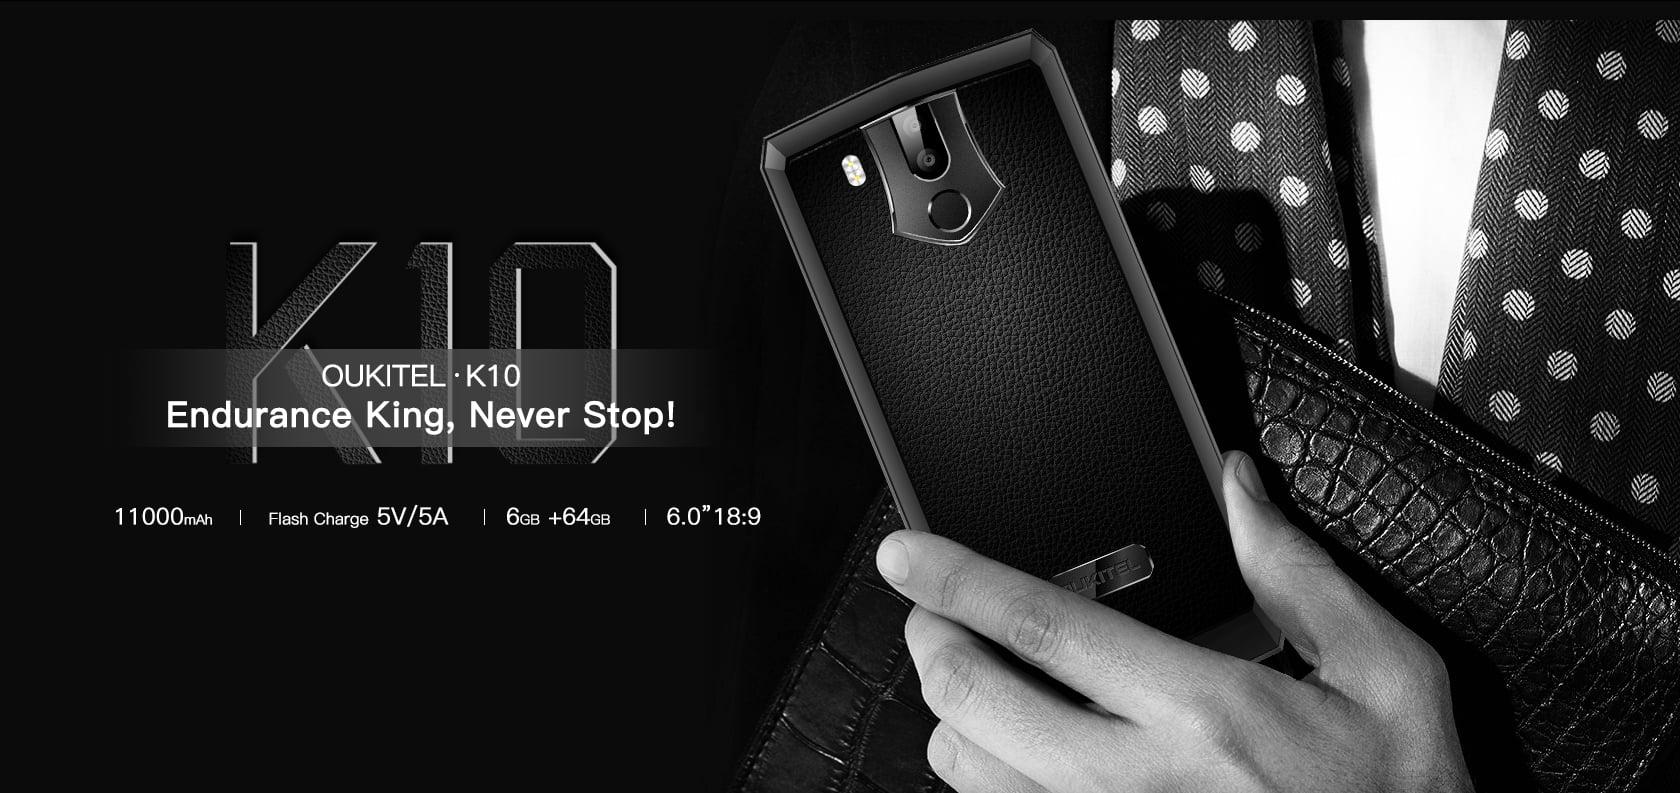 Tabletowo.pl Wincyj miliamperogodzinów!!11! Oukitel K10 zaoferuje baterię o pojemności aż 11000 mAh! Android Chińskie Smartfony